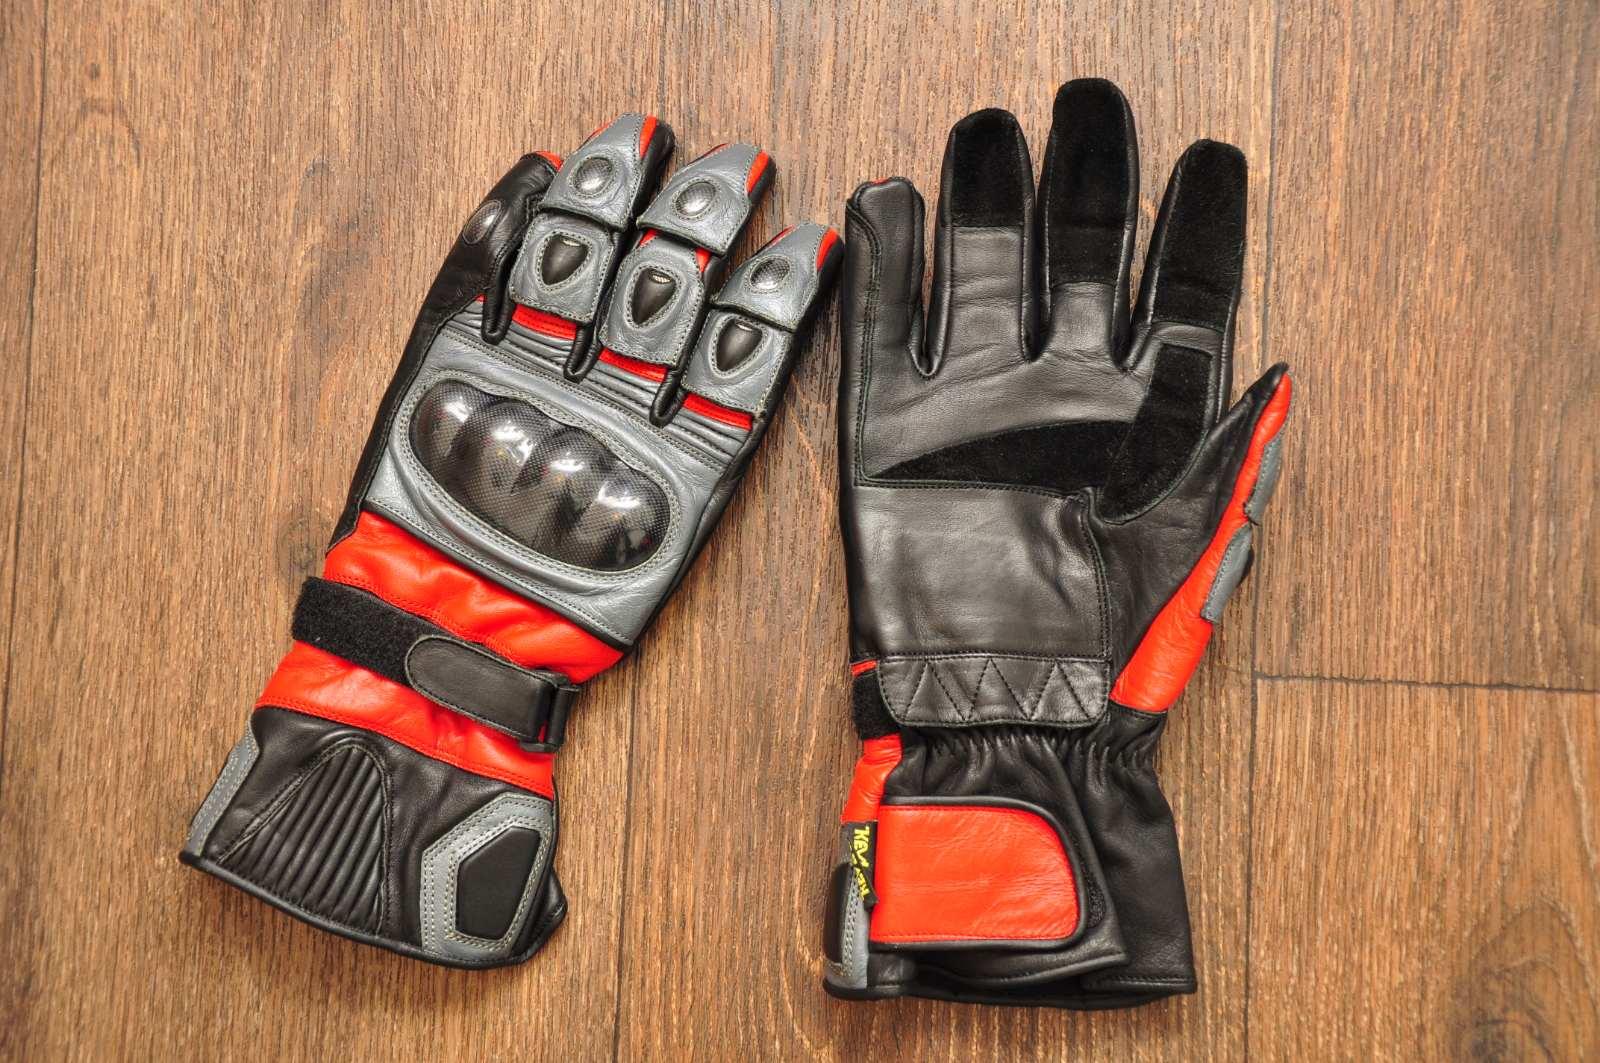 Мотоперчатки - 800 грн Состояние новых  Размер XL